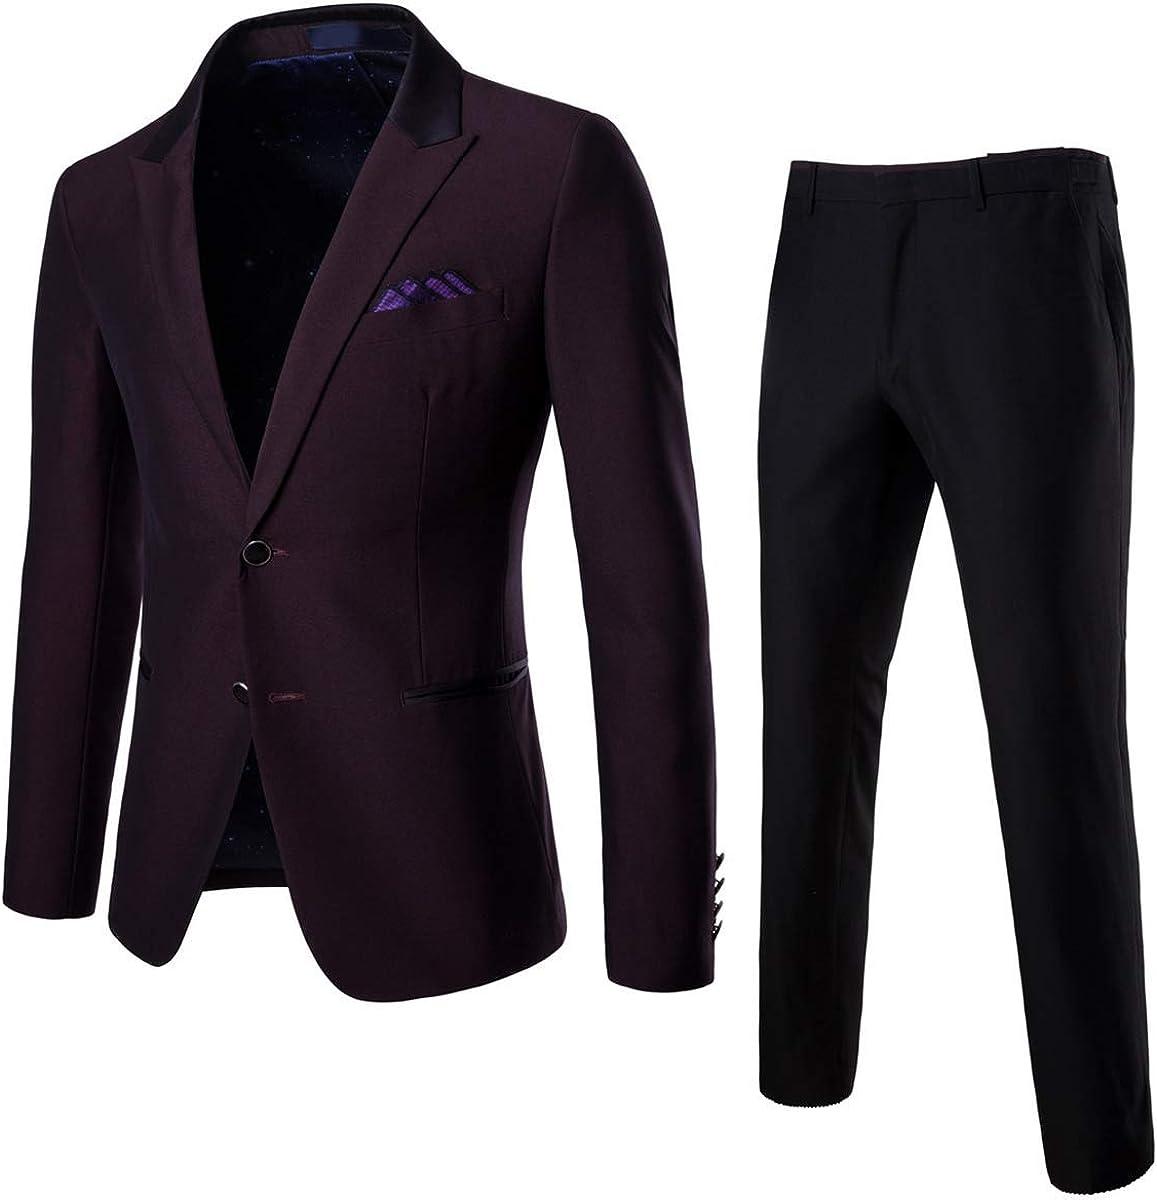 Frank Men's One Button Purple Suit Jacket Pants Peak Lapel Wedding Suits Groom Tuxedos